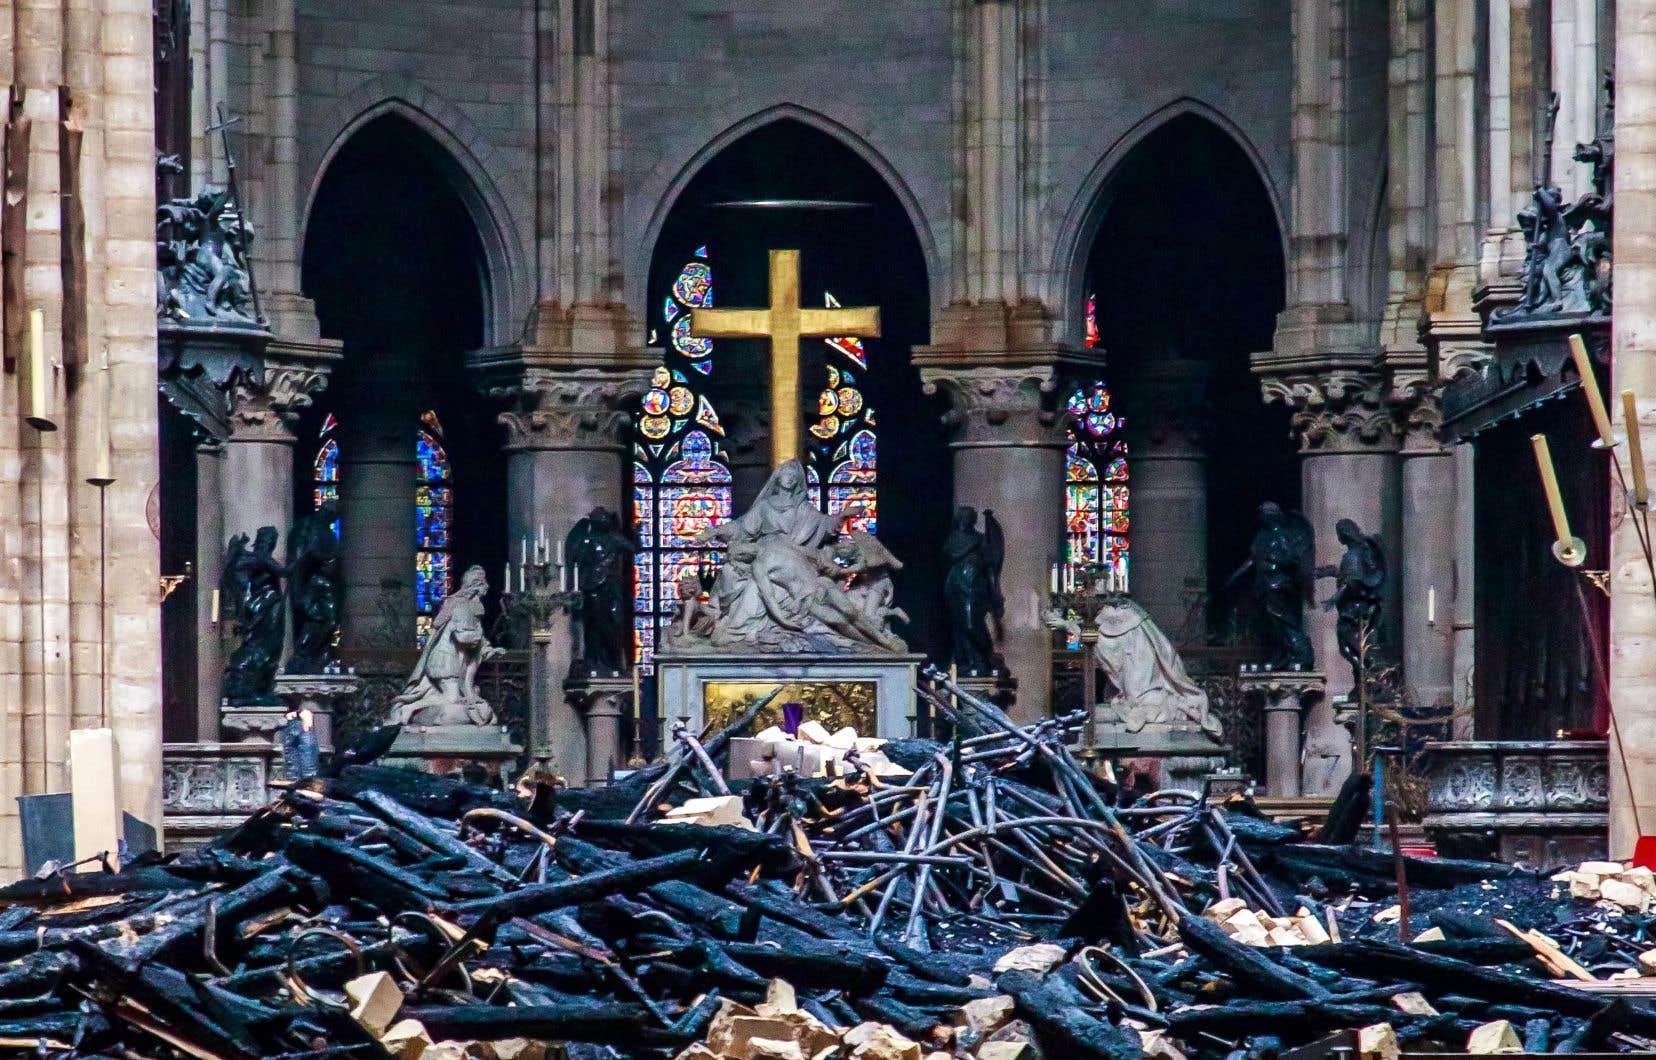 Vue de la nef au fond de laquelle une croix se dresse, épargnée par les morceaux du plafond qui sont tombés tout juste devant.